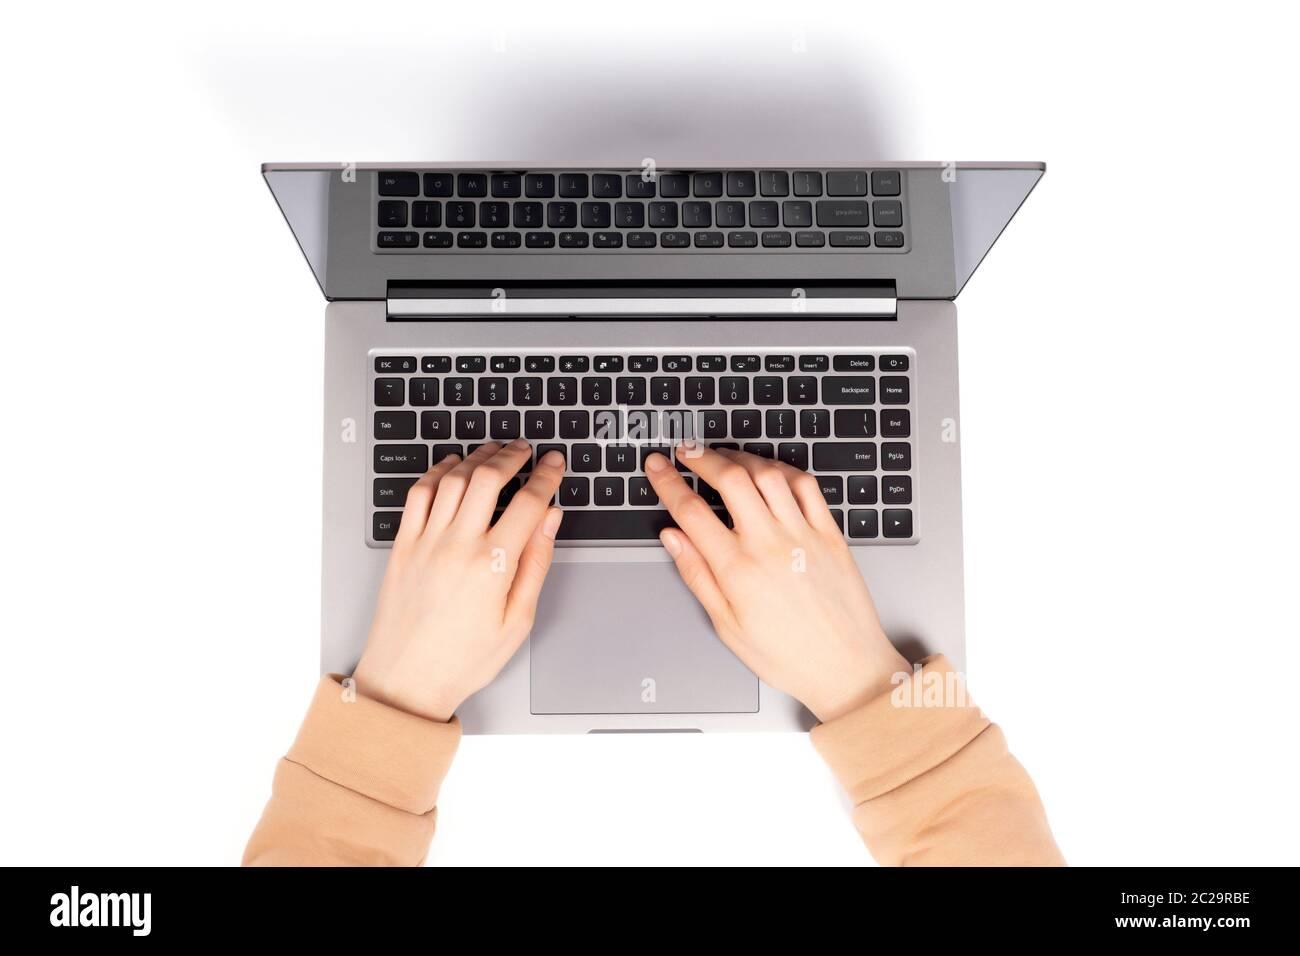 Personne travaillant sur un ordinateur portable dans un espace moderne. Mains de femmes travaillant sur un nouvel ordinateur portable isolé sur fond blanc vue du dessus, plat. Banque D'Images